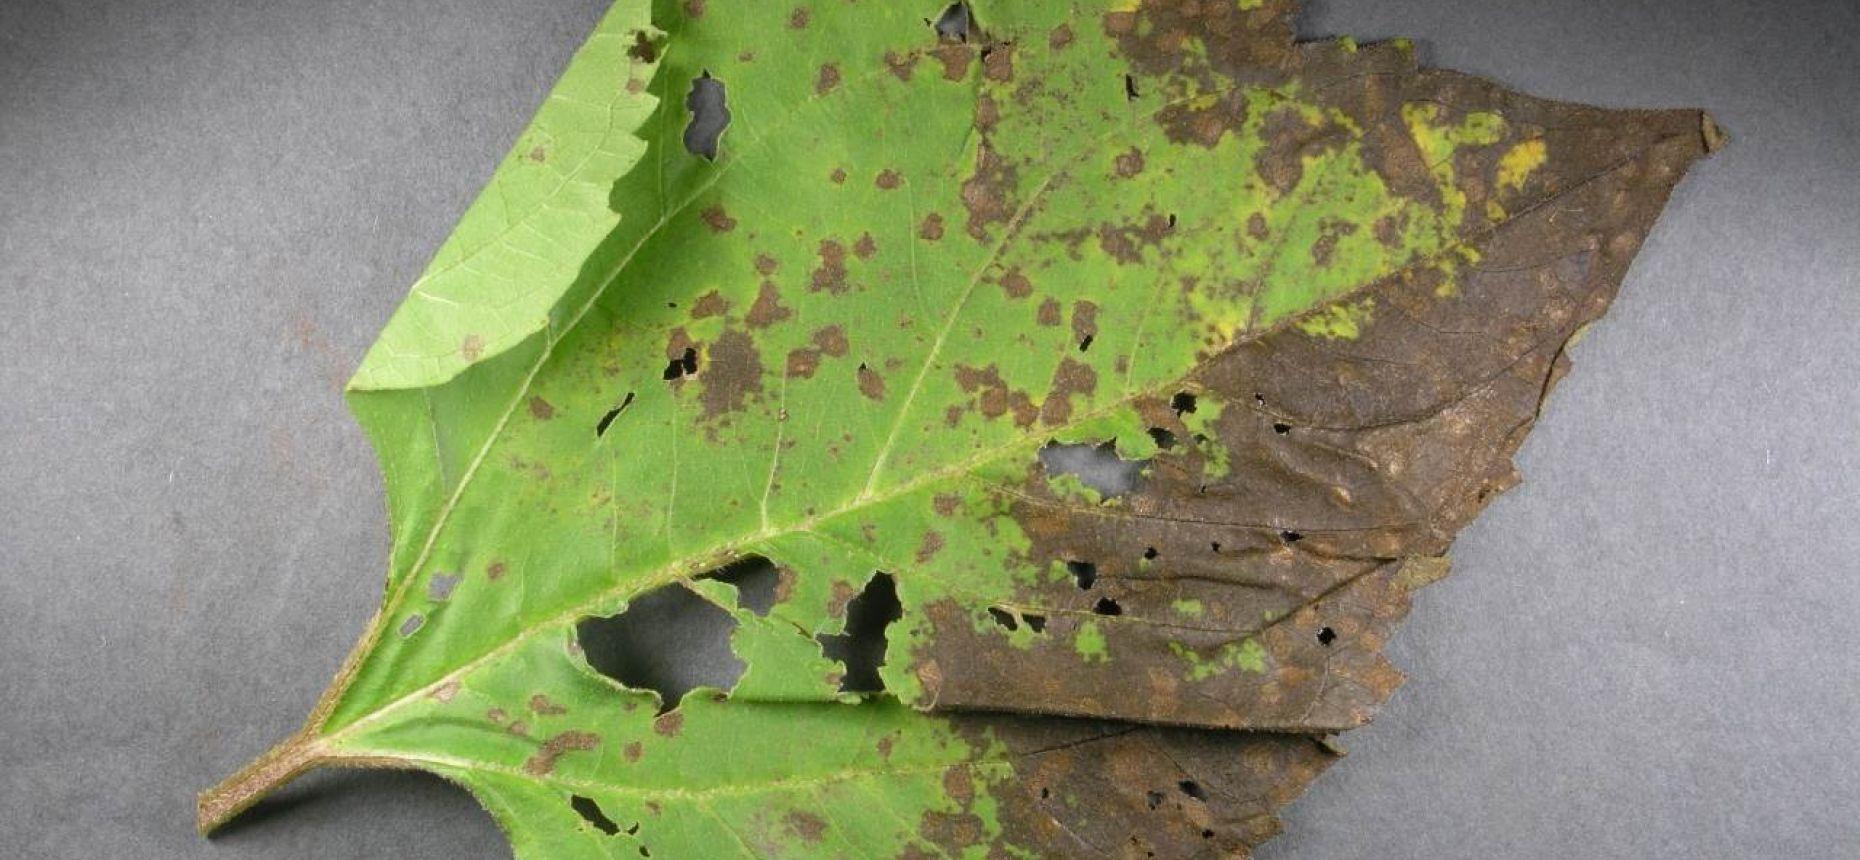 Септориозная пятнистость листьев подсолнечника - Septoria helianthi Ell.&Kell.